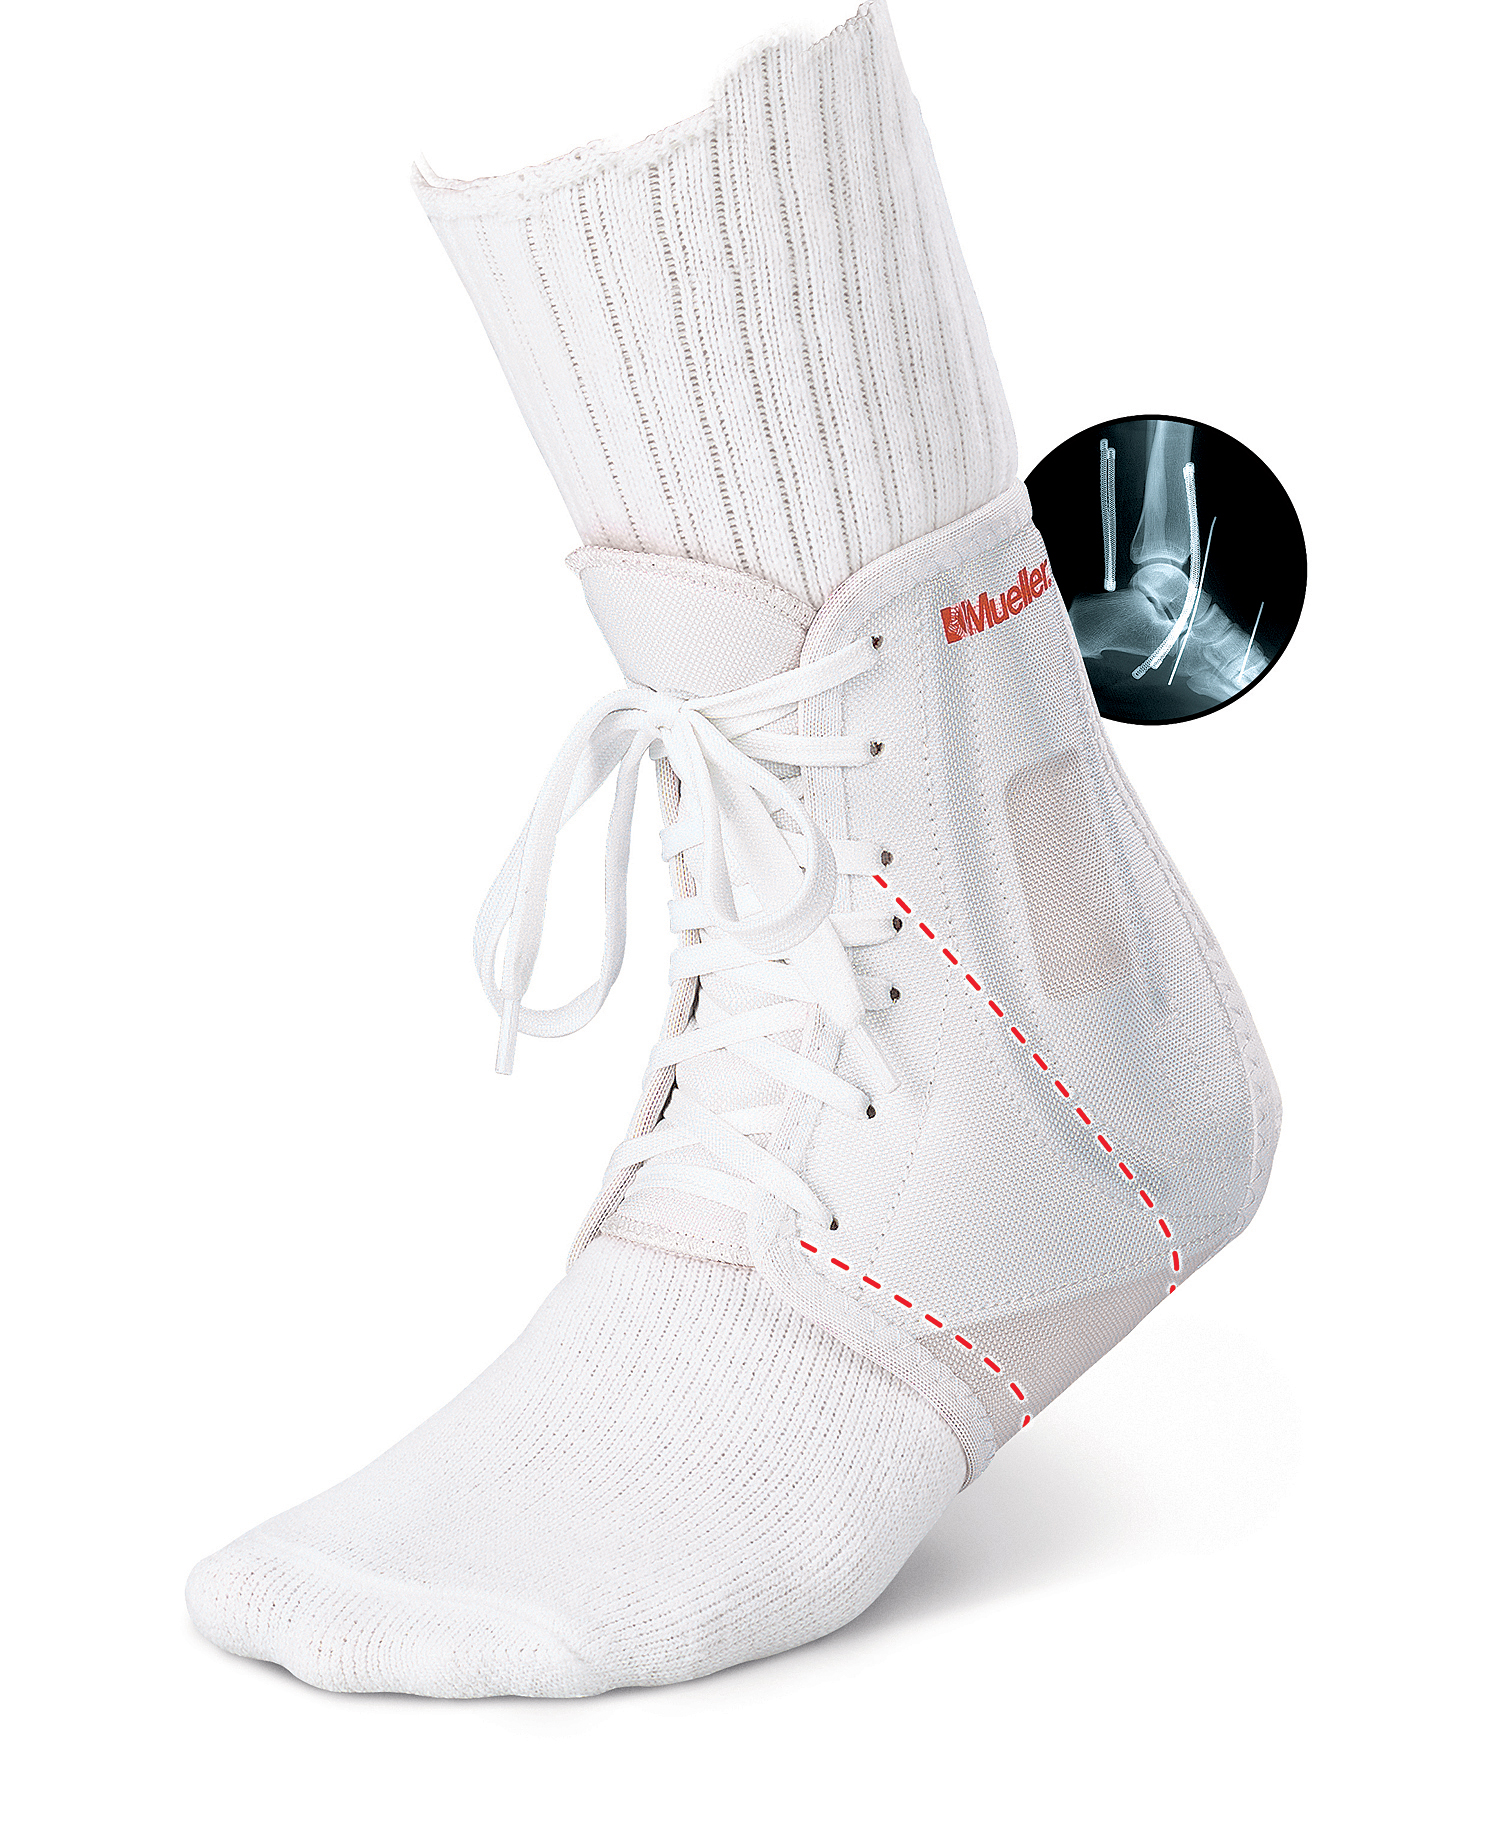 pro-level-atf-ankle-brace-white-sm-212sm-74676212128-lr.jpg